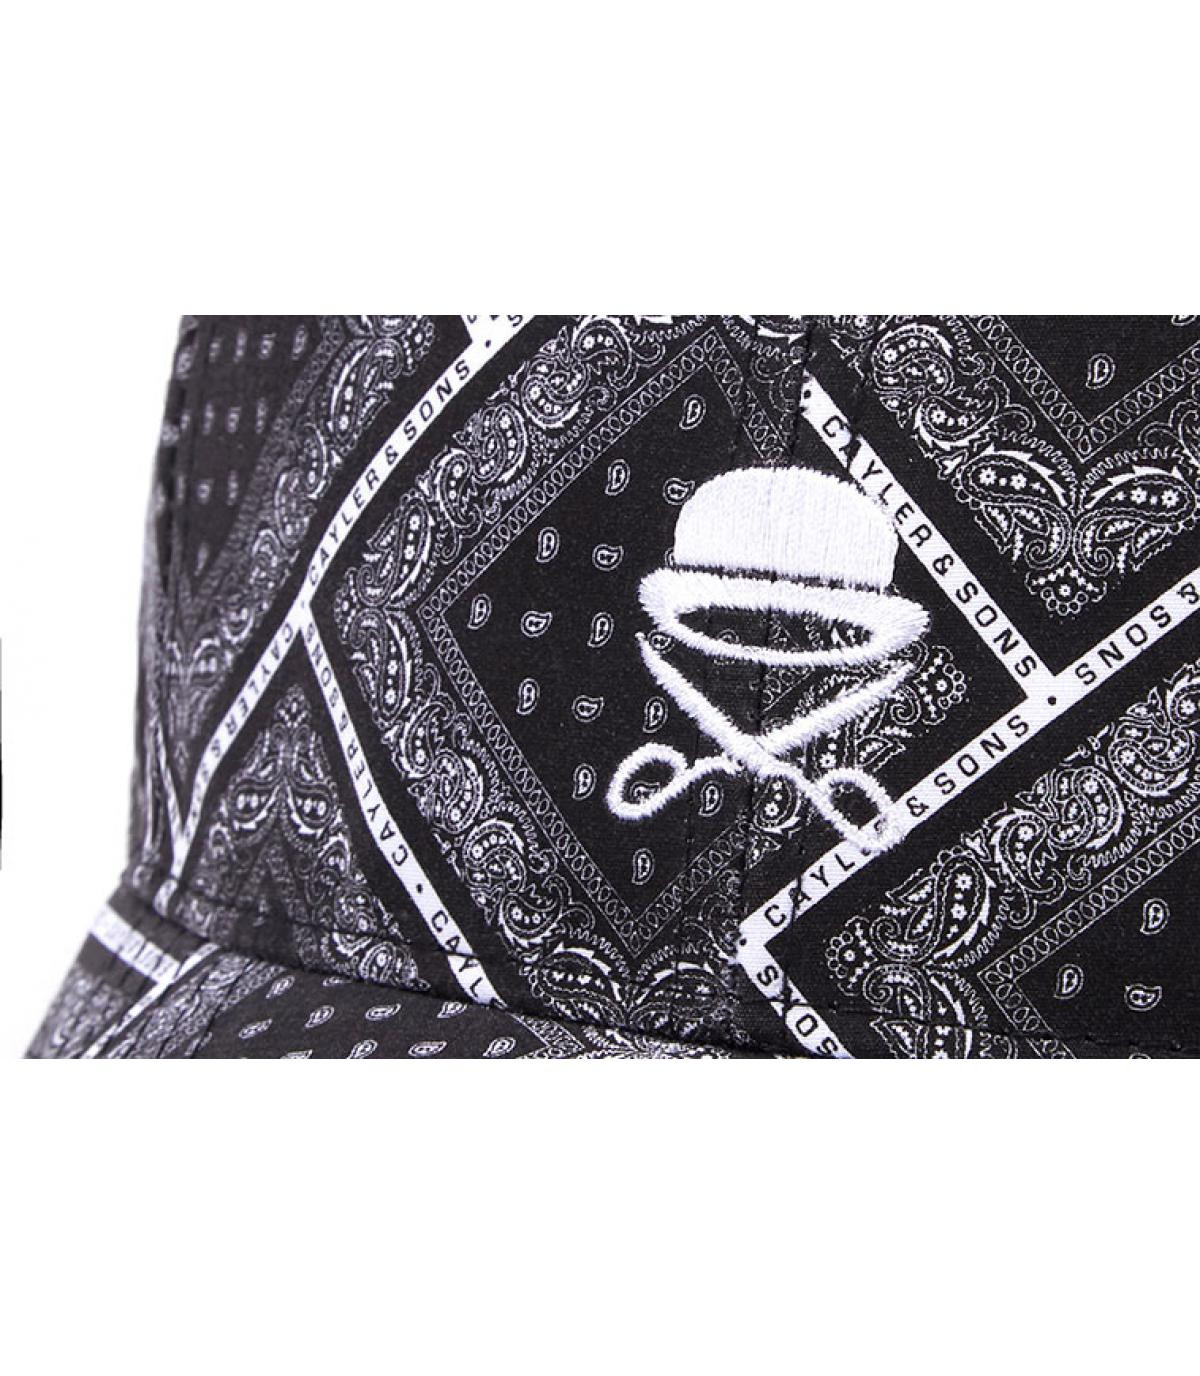 Details Bandanarama Curved black white - afbeeling 3